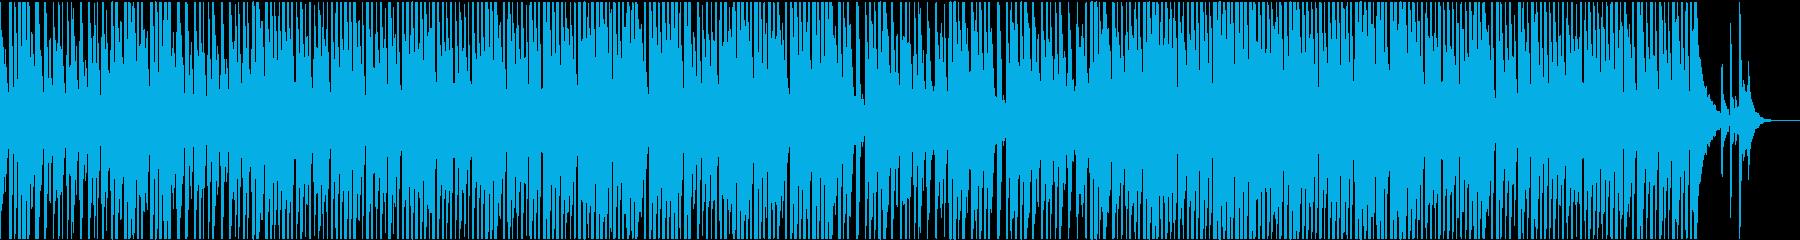 陽気な口笛のカントリーミュージックの再生済みの波形